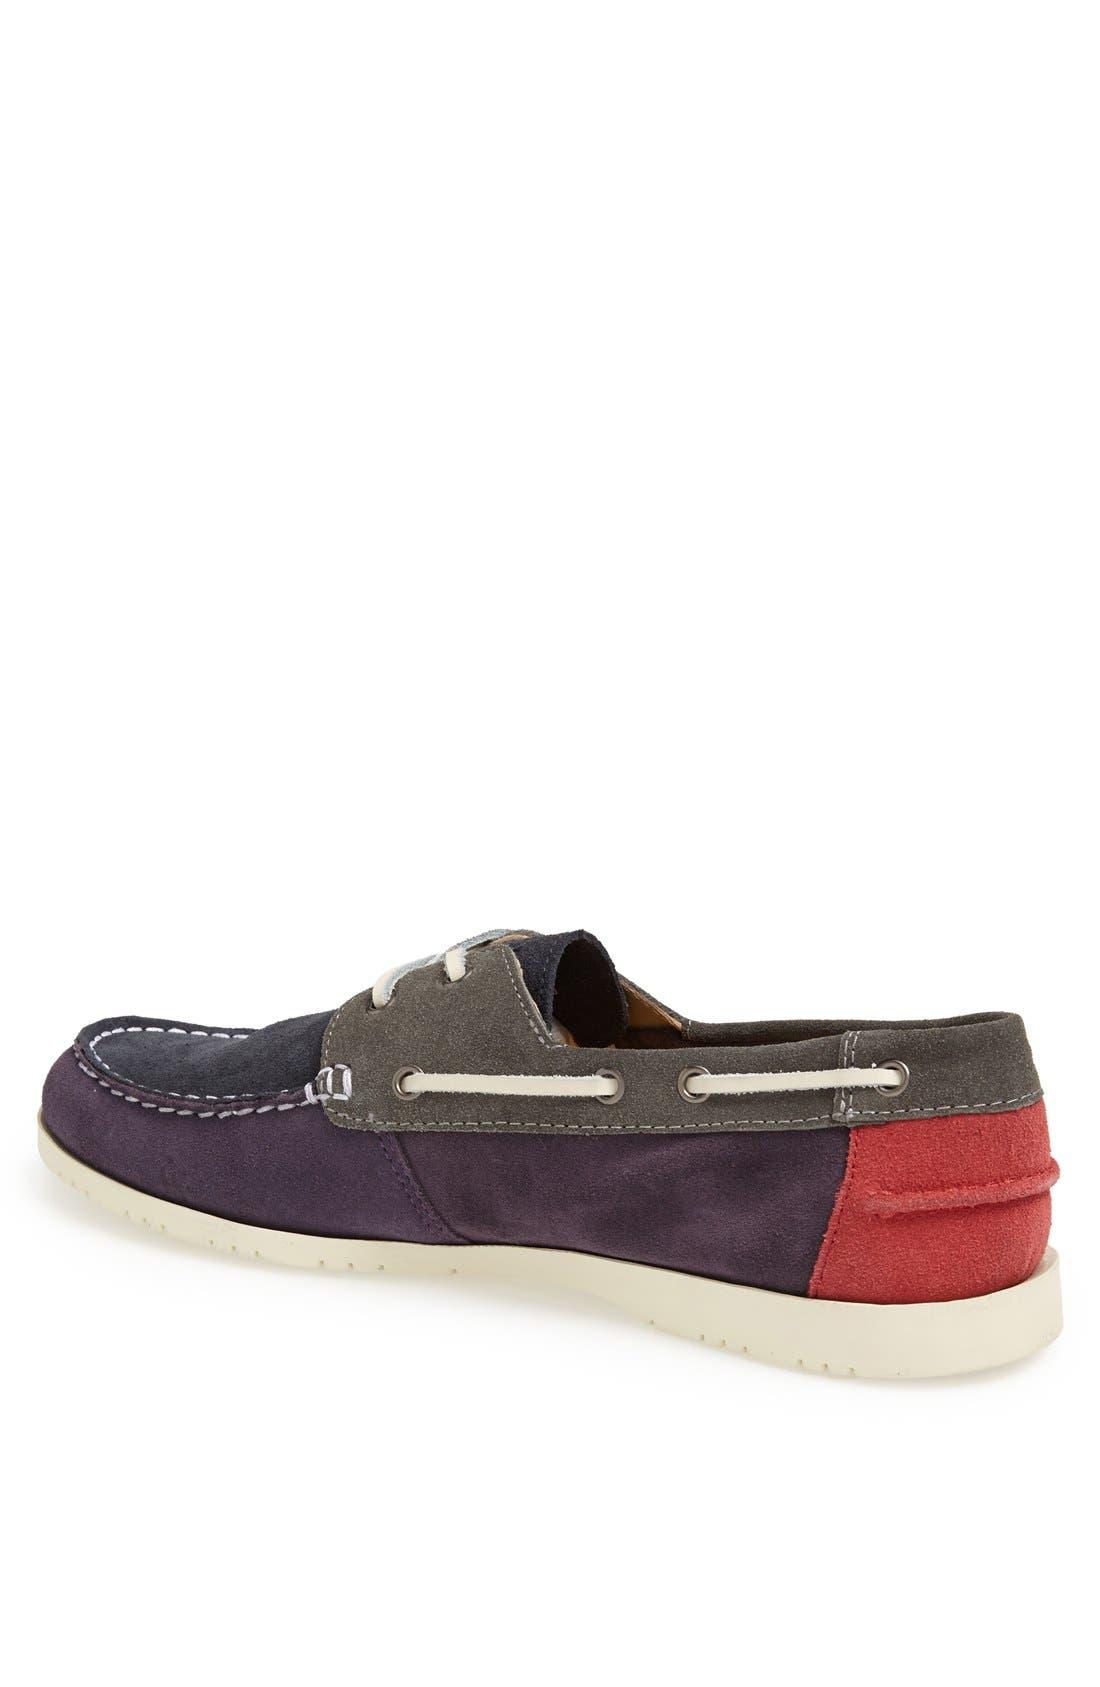 LACOSTE,                             'Corbon 7' Boat Shoe,                             Alternate thumbnail 2, color,                             518